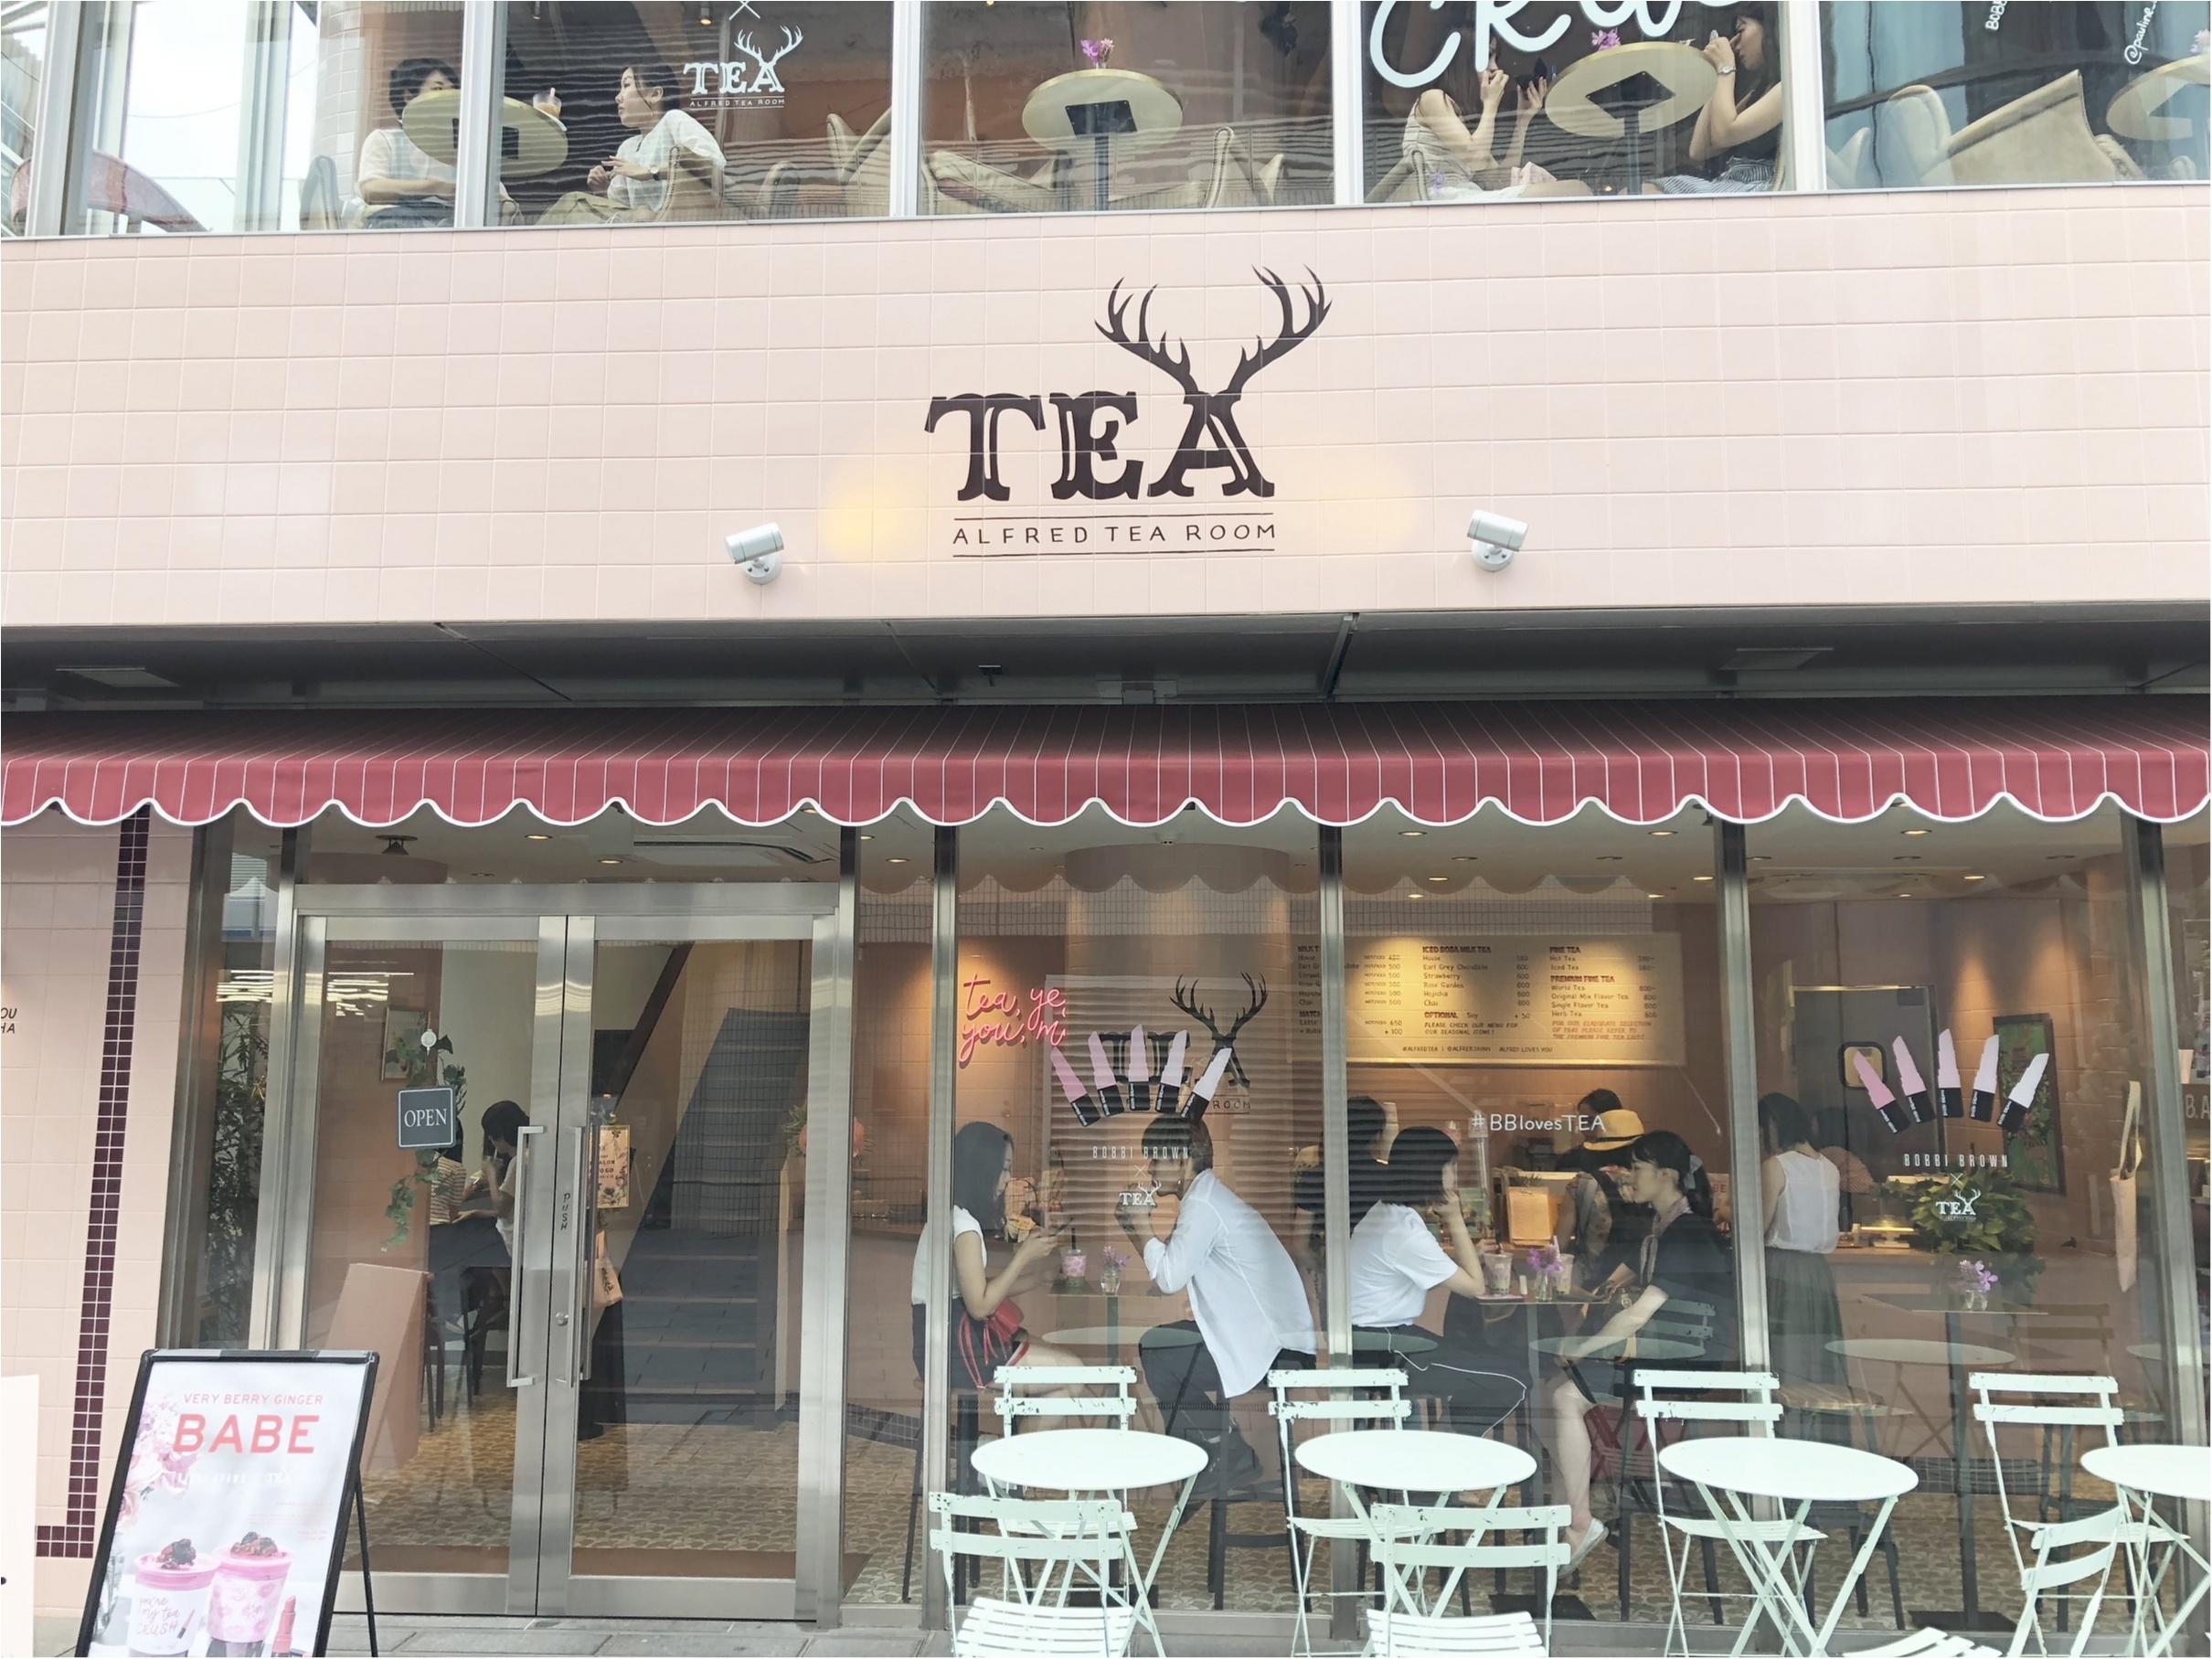 【青山】紅茶で一休み♩ALFRED TEA ROOMがBOBBI BROWNとコラボ中♡_1